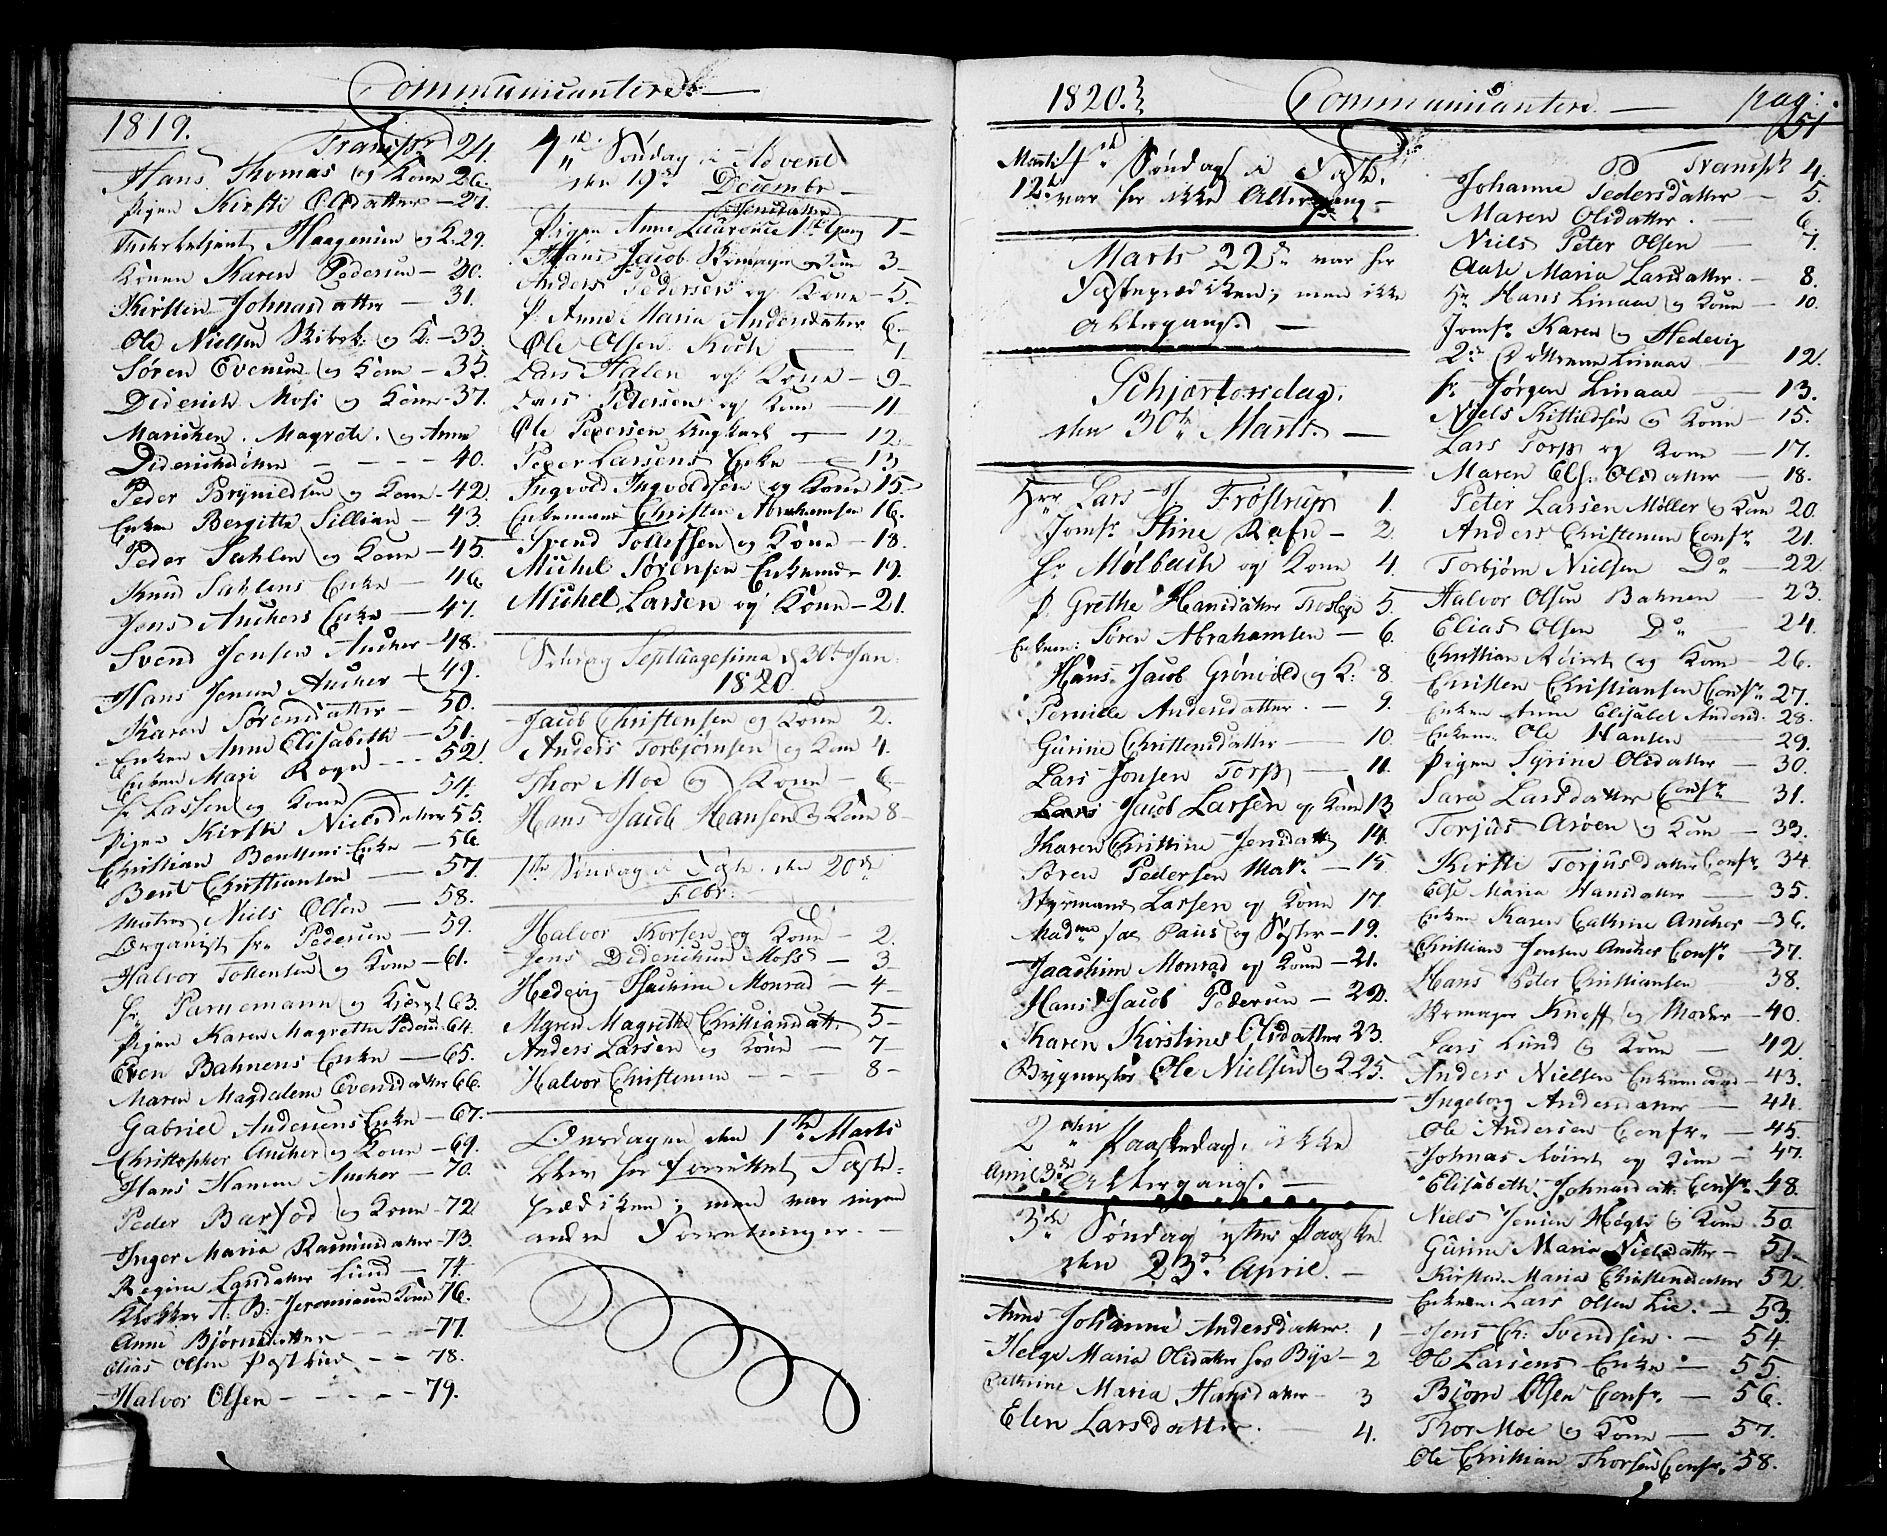 SAKO, Langesund kirkebøker, G/Ga/L0002: Klokkerbok nr. 2, 1801-1815, s. 51